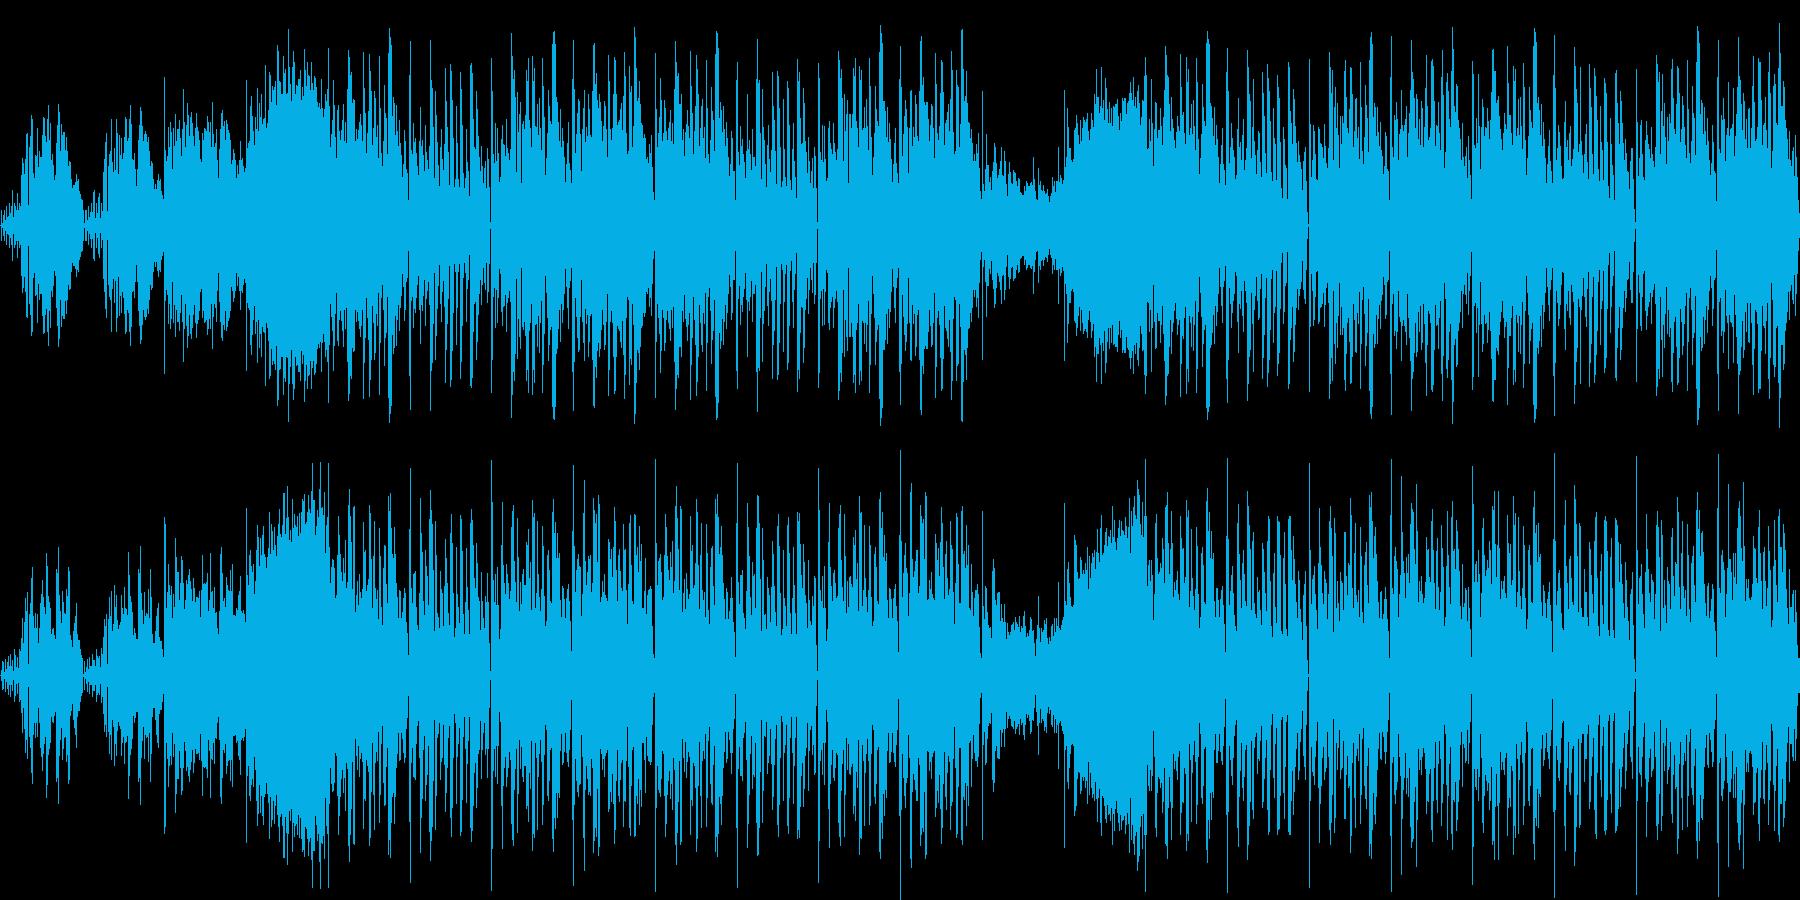 【アジア/サイバーパンクエレクトロニカ】の再生済みの波形